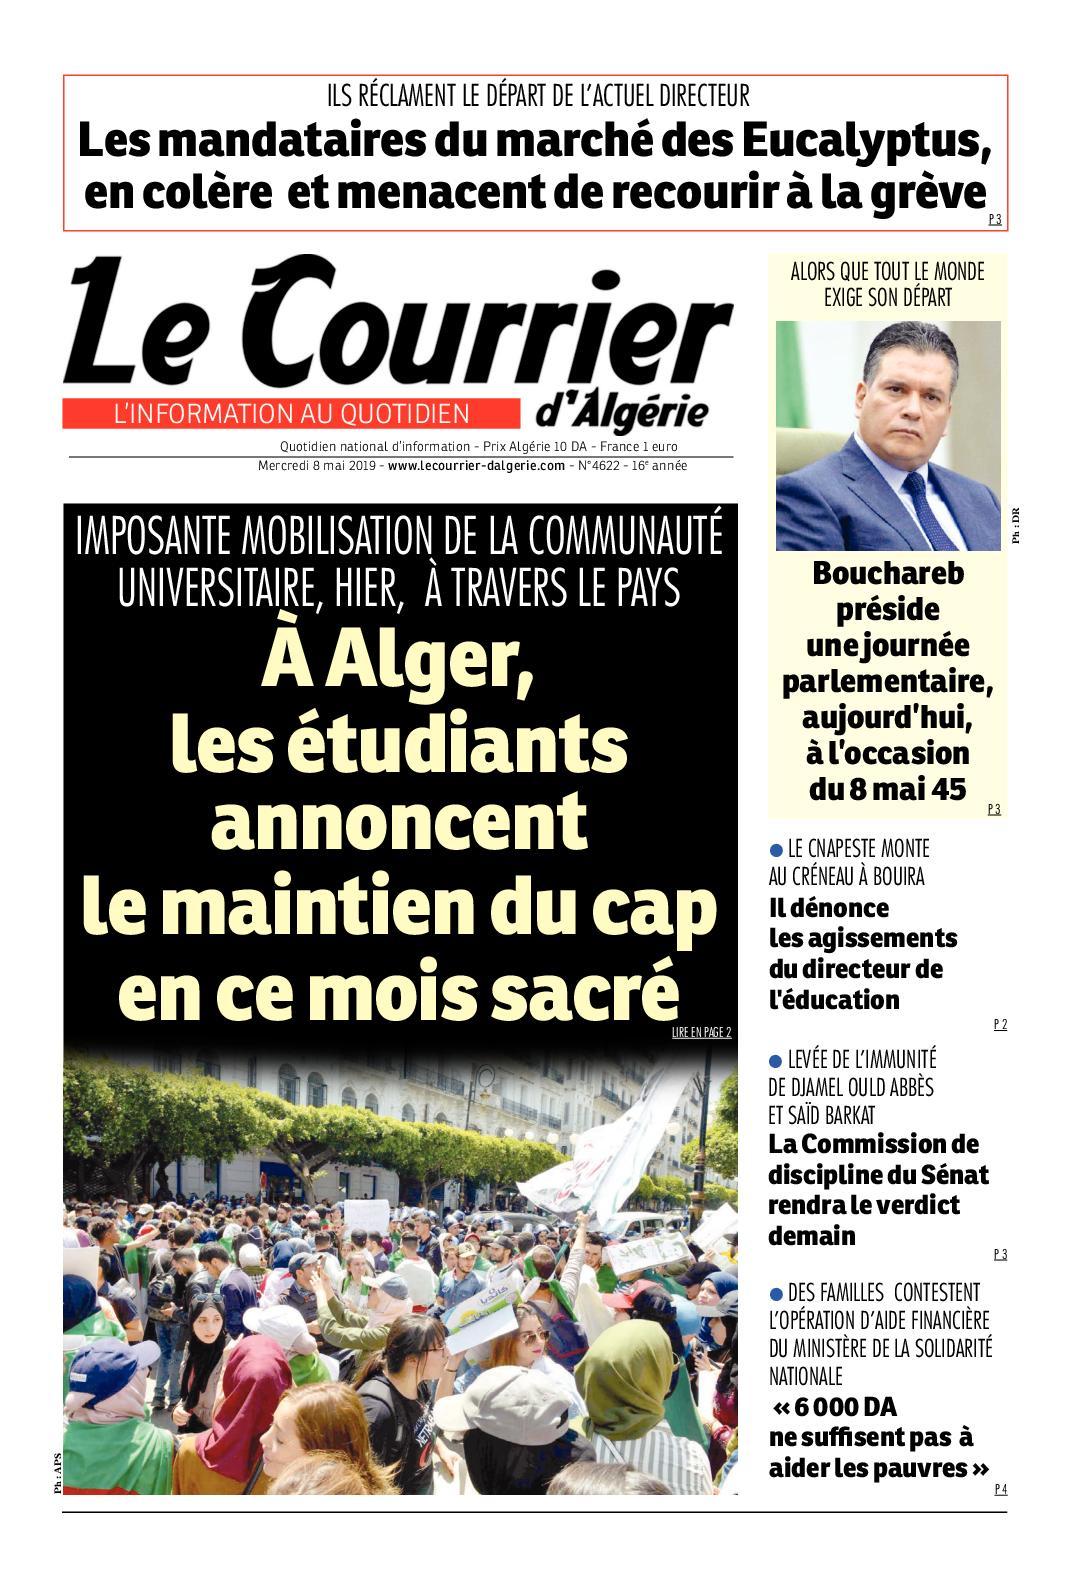 Le Courrier d'Algérie du mercredi 8 mai 2019